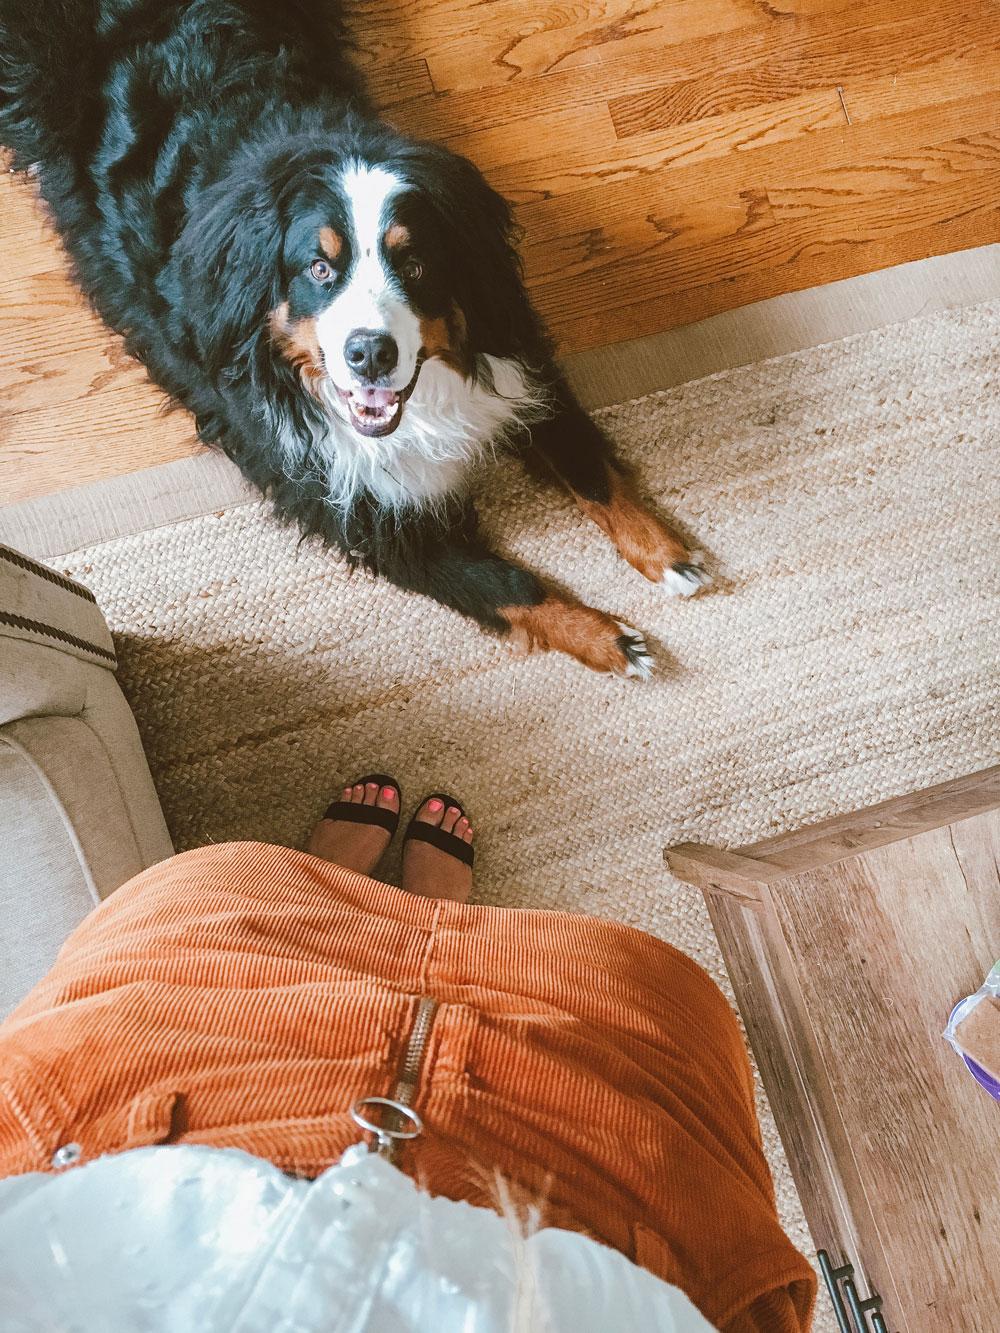 kylo the mountain dog